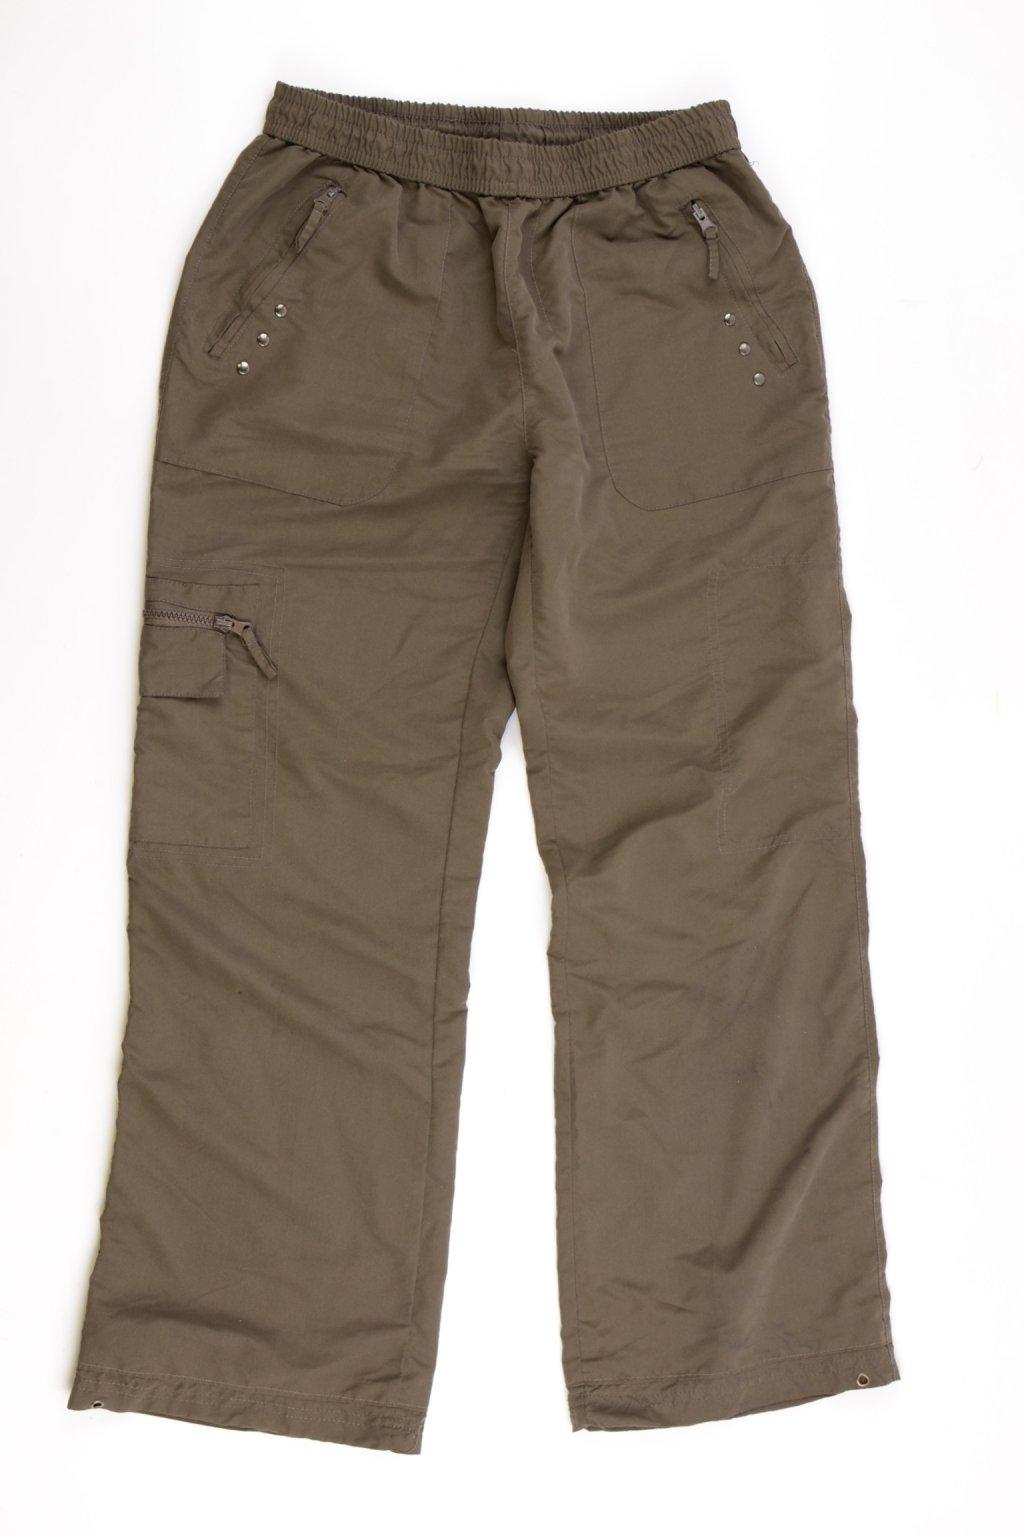 Kalhoty Identic M 38-40 zelené